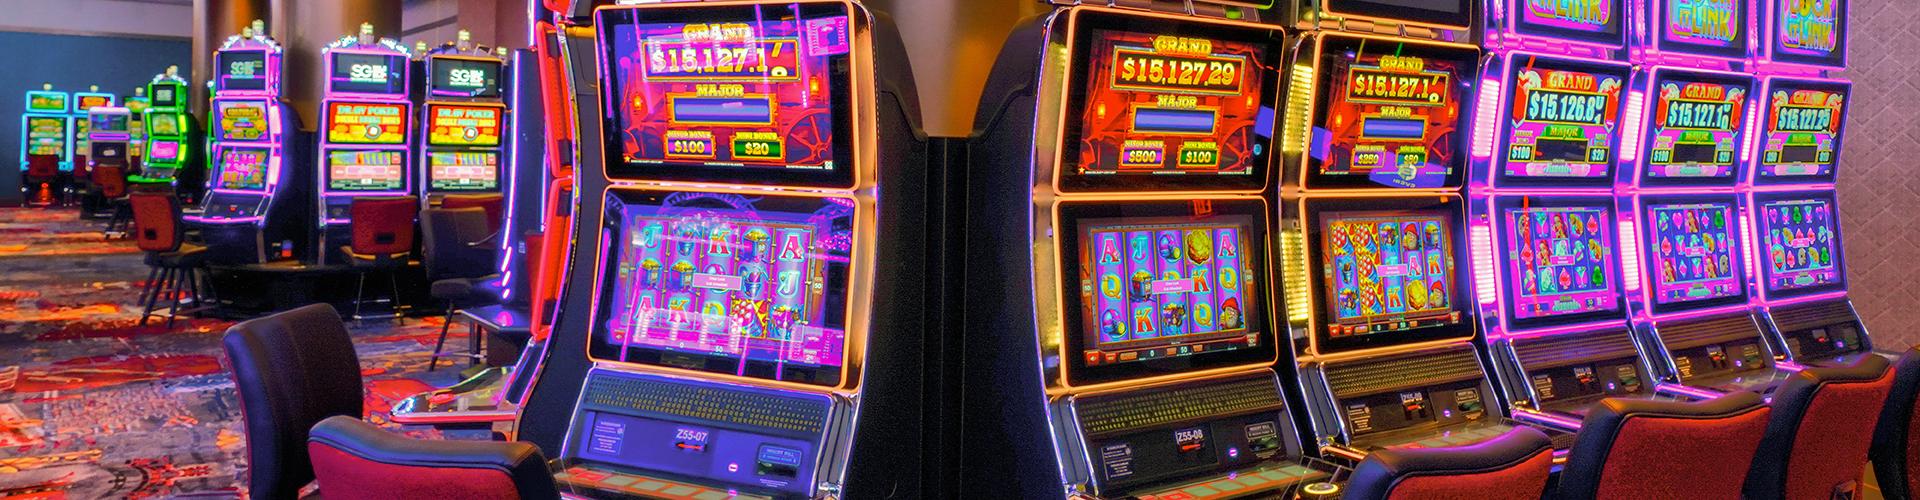 Resorts World NYC Casino Slots